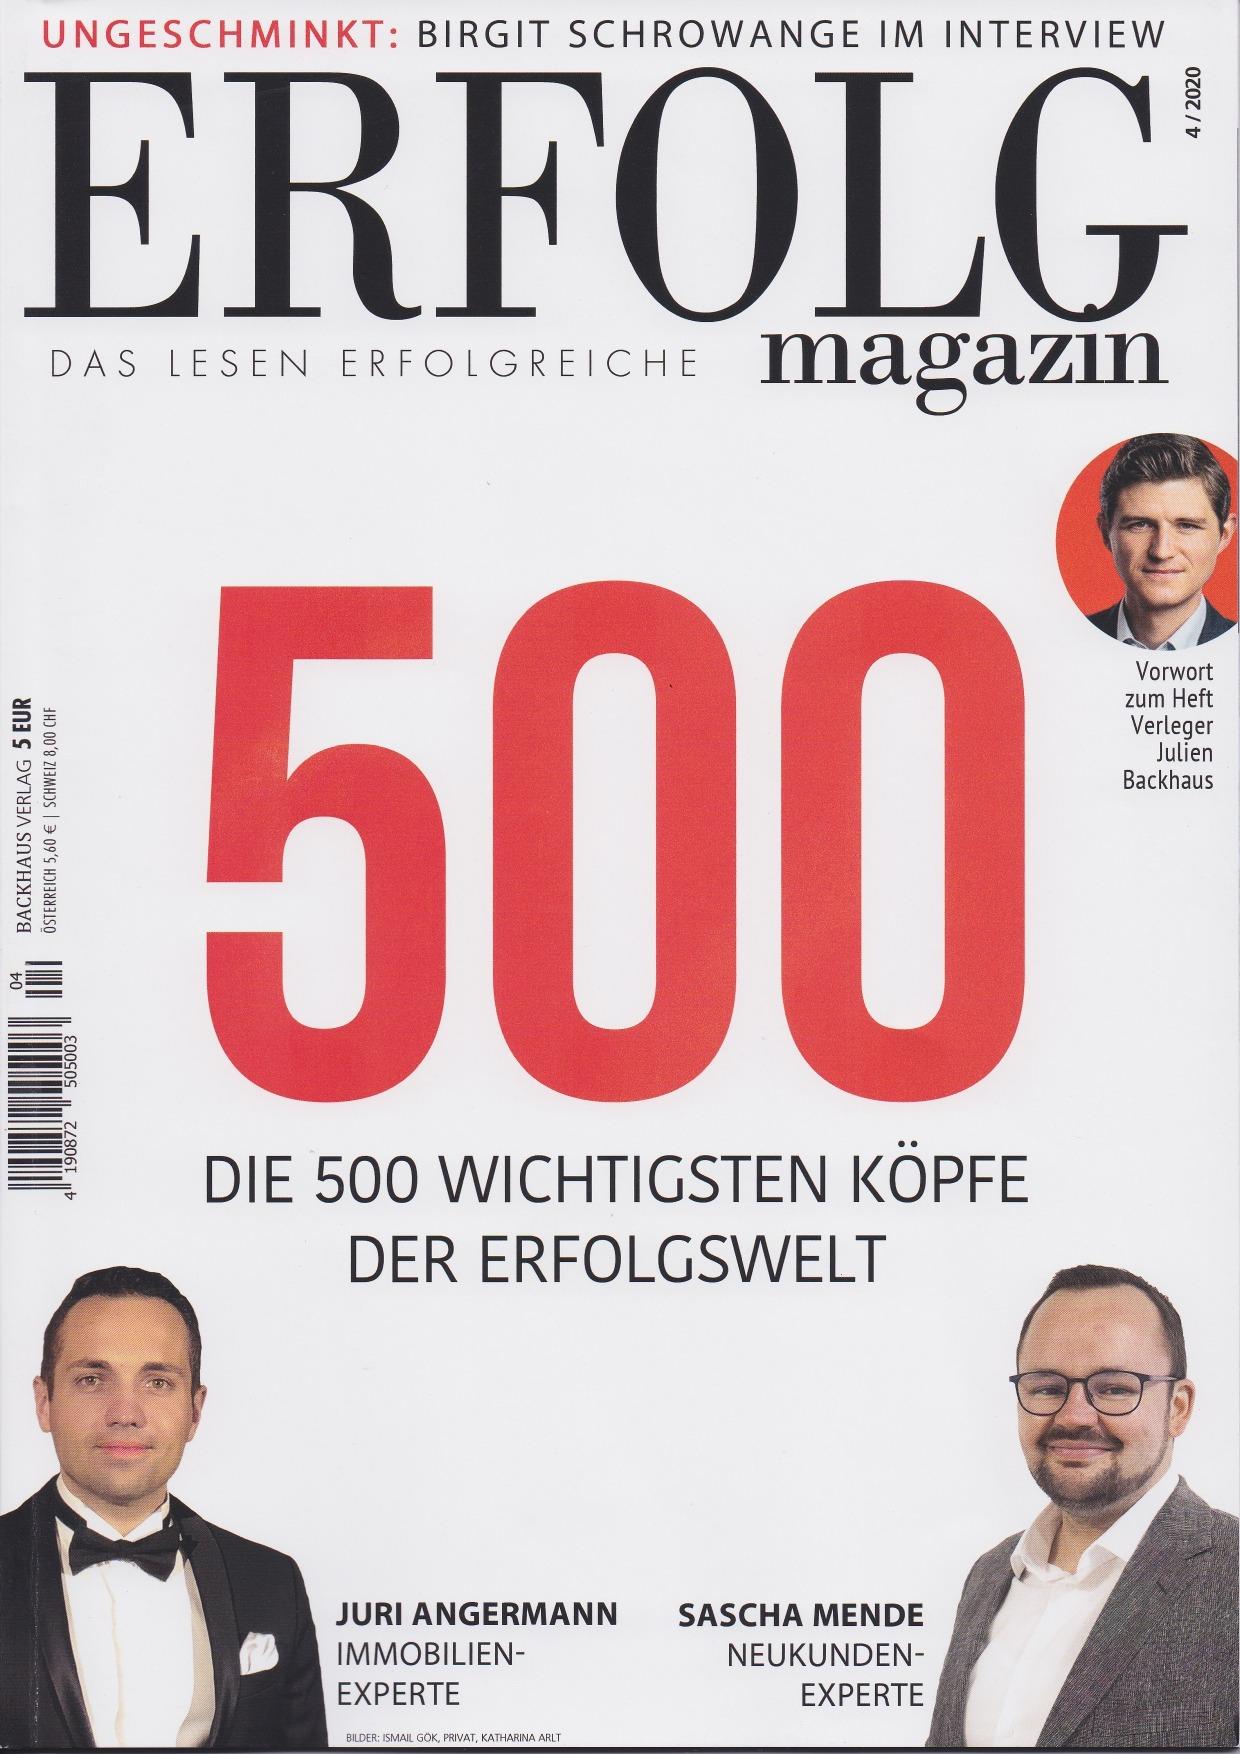 Die 500 wichtigsten Menschen der Erfolgswelt